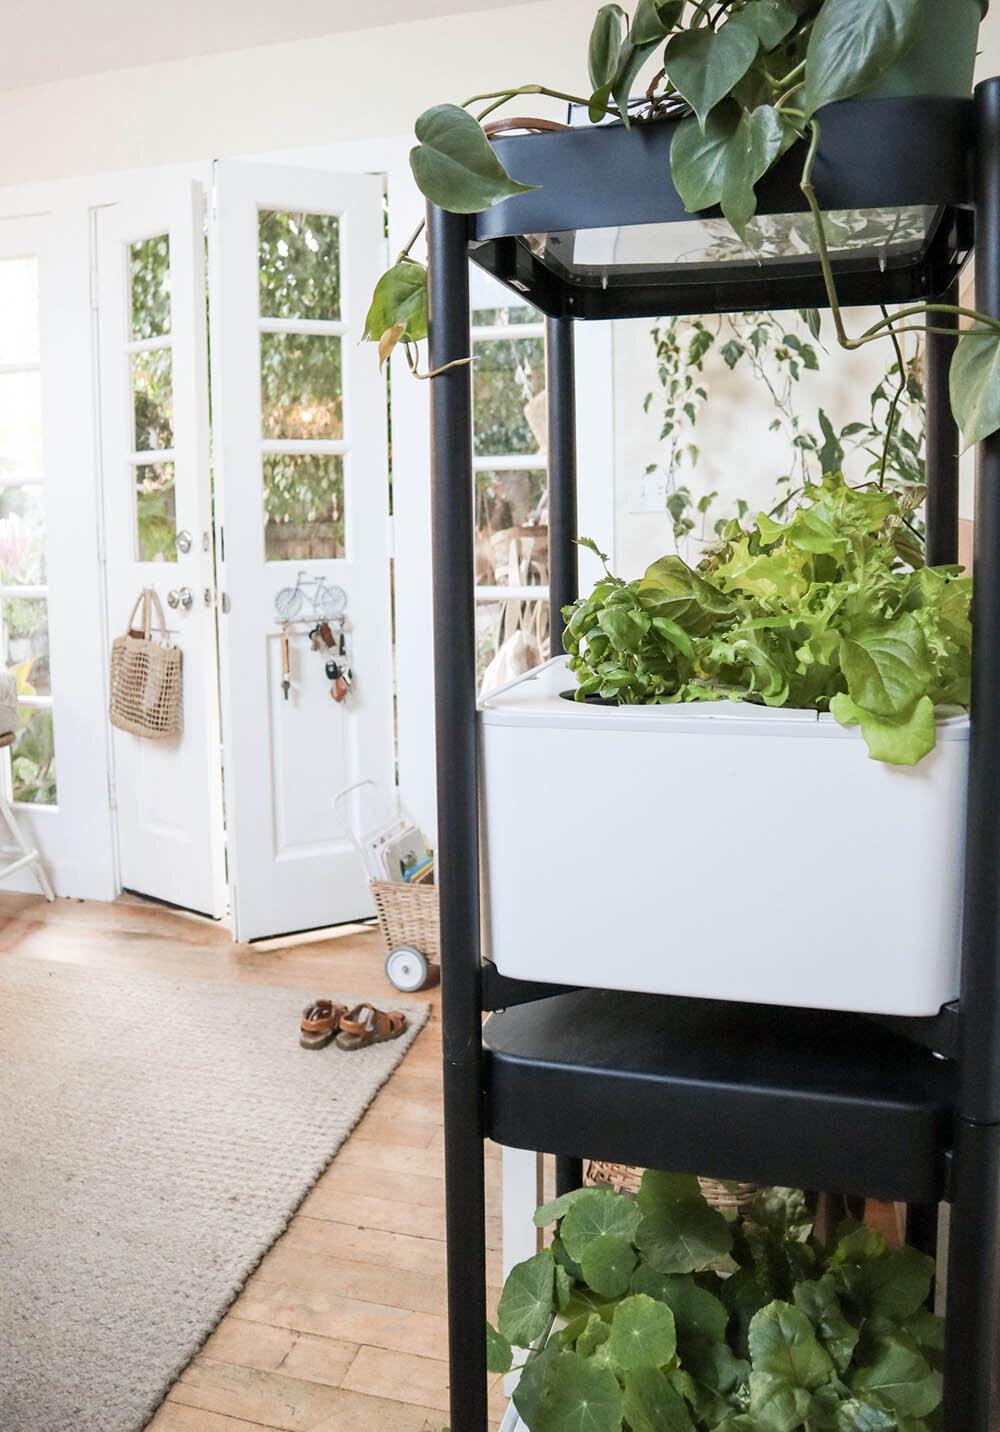 indoor_small_space_gardening_6.jpg